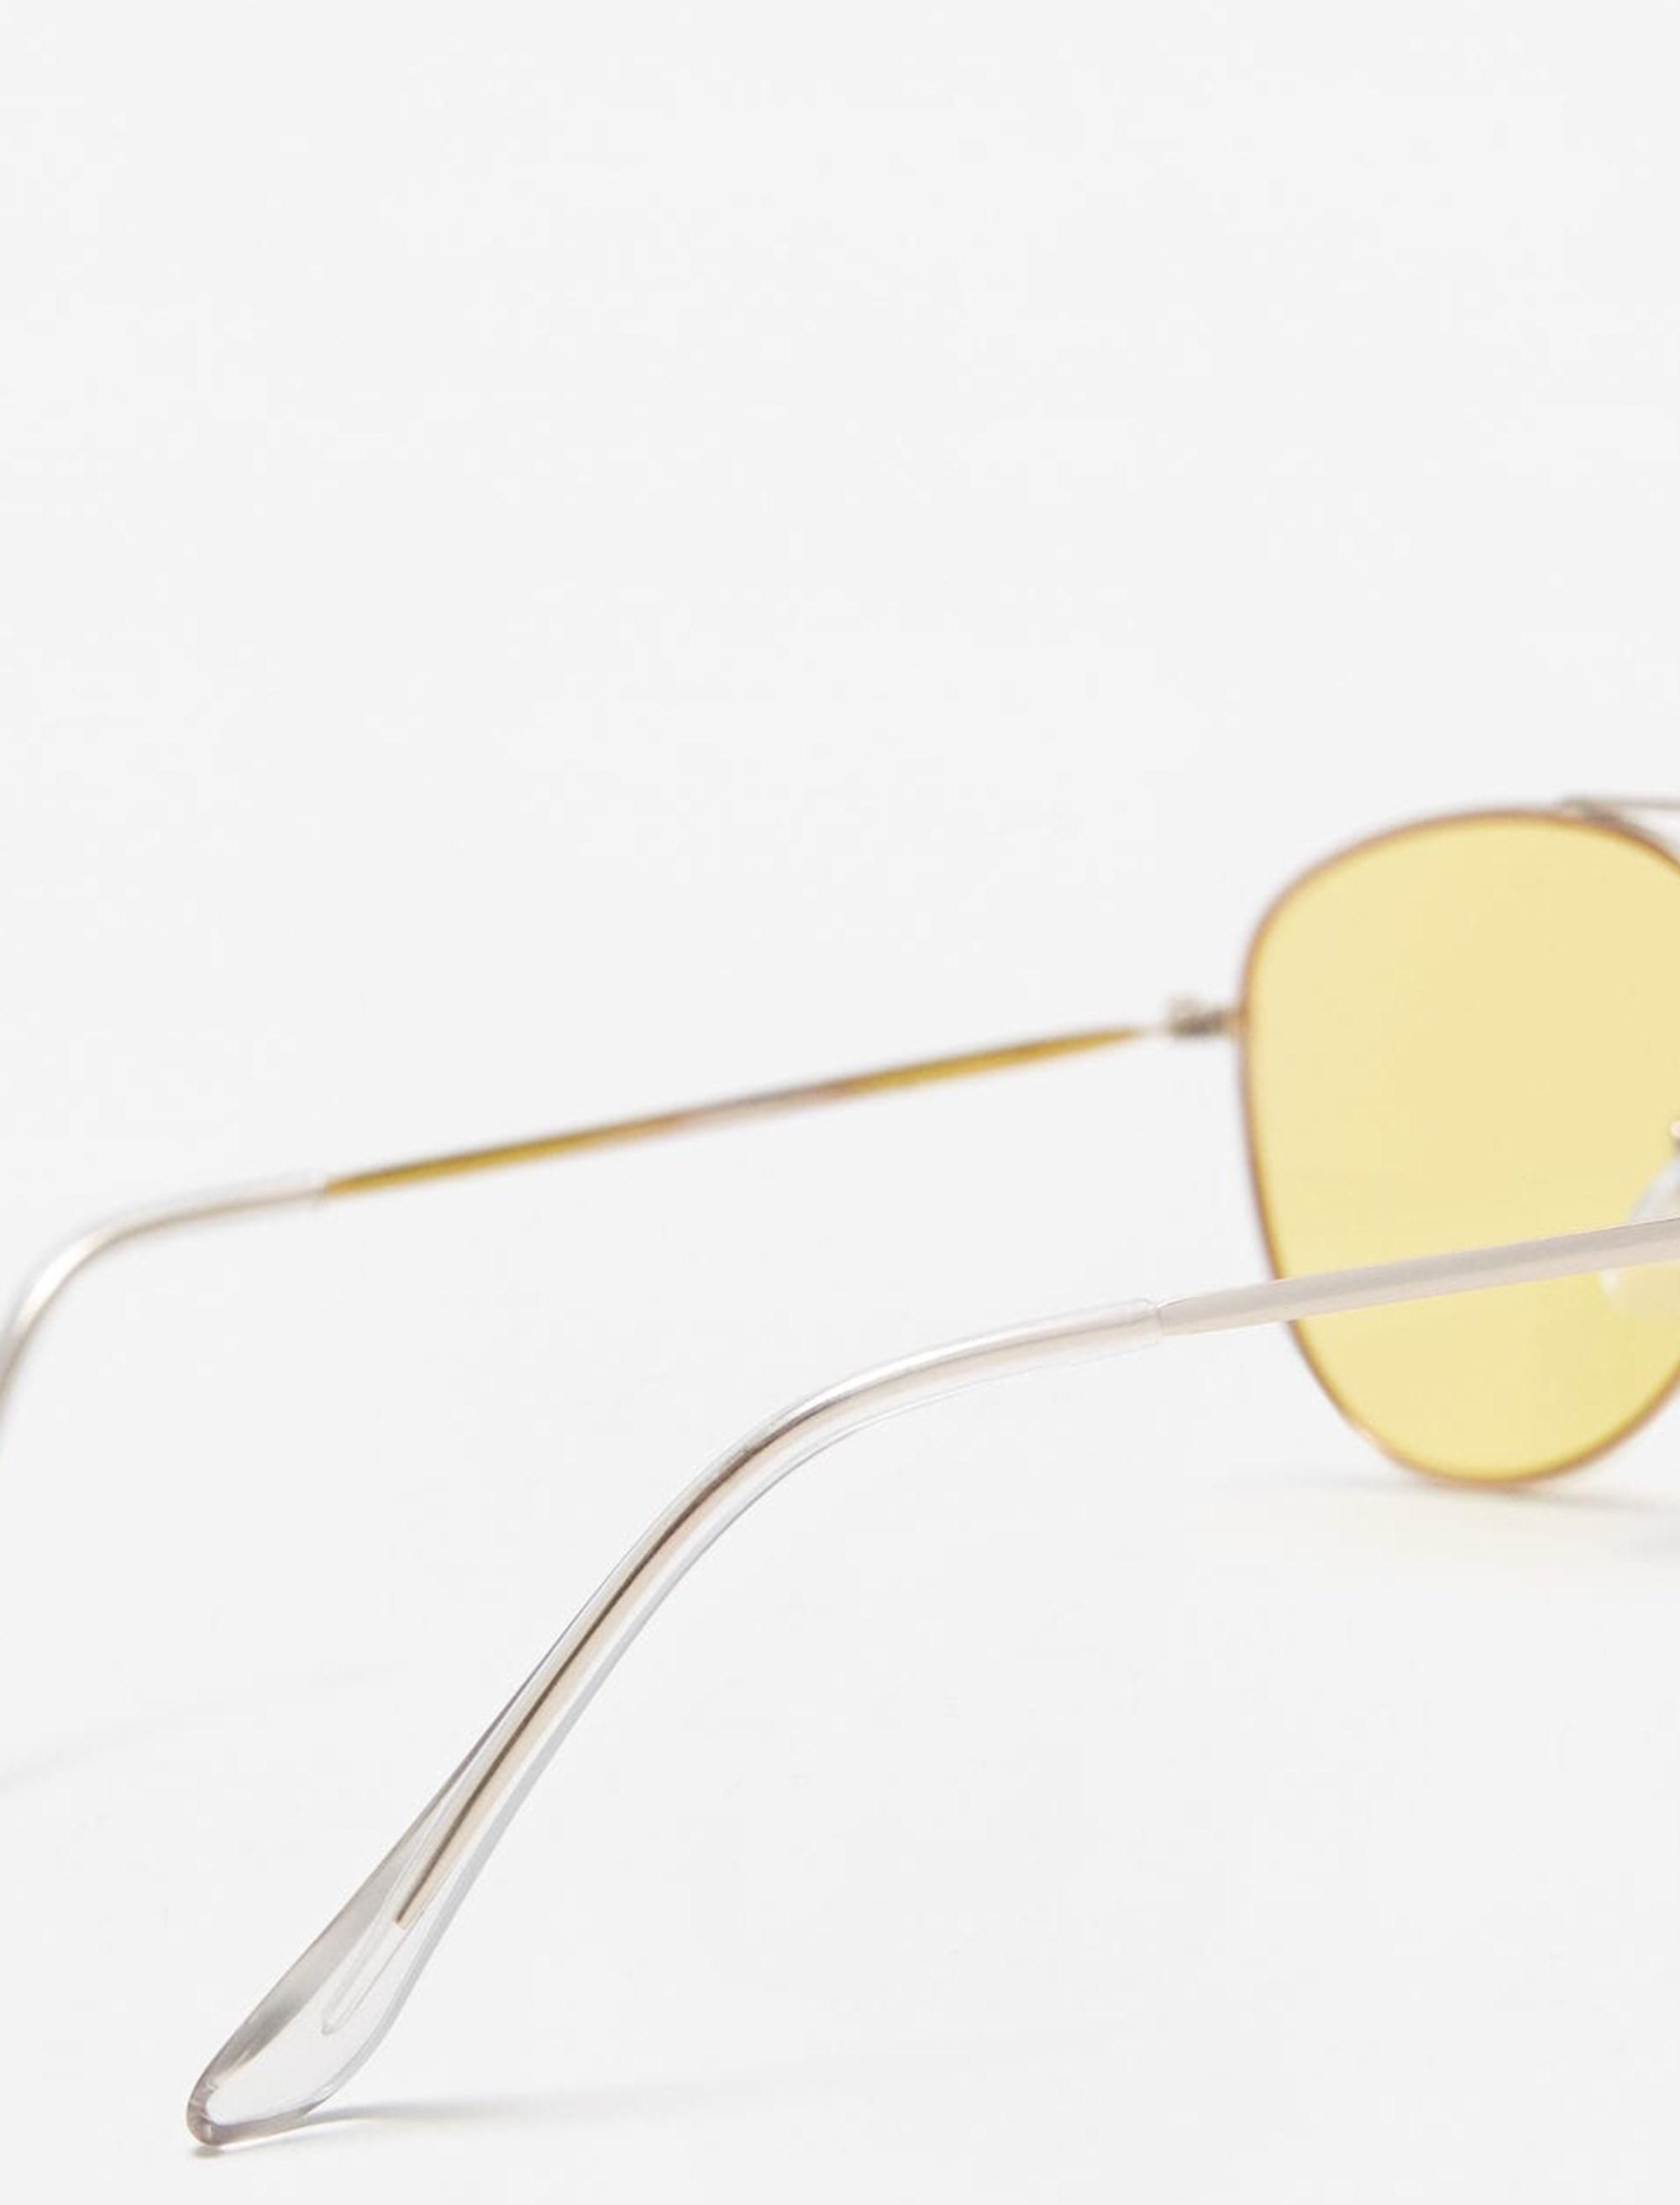 عینک آفتابی خلبانی زنانه - مانگو - طلايي - 3